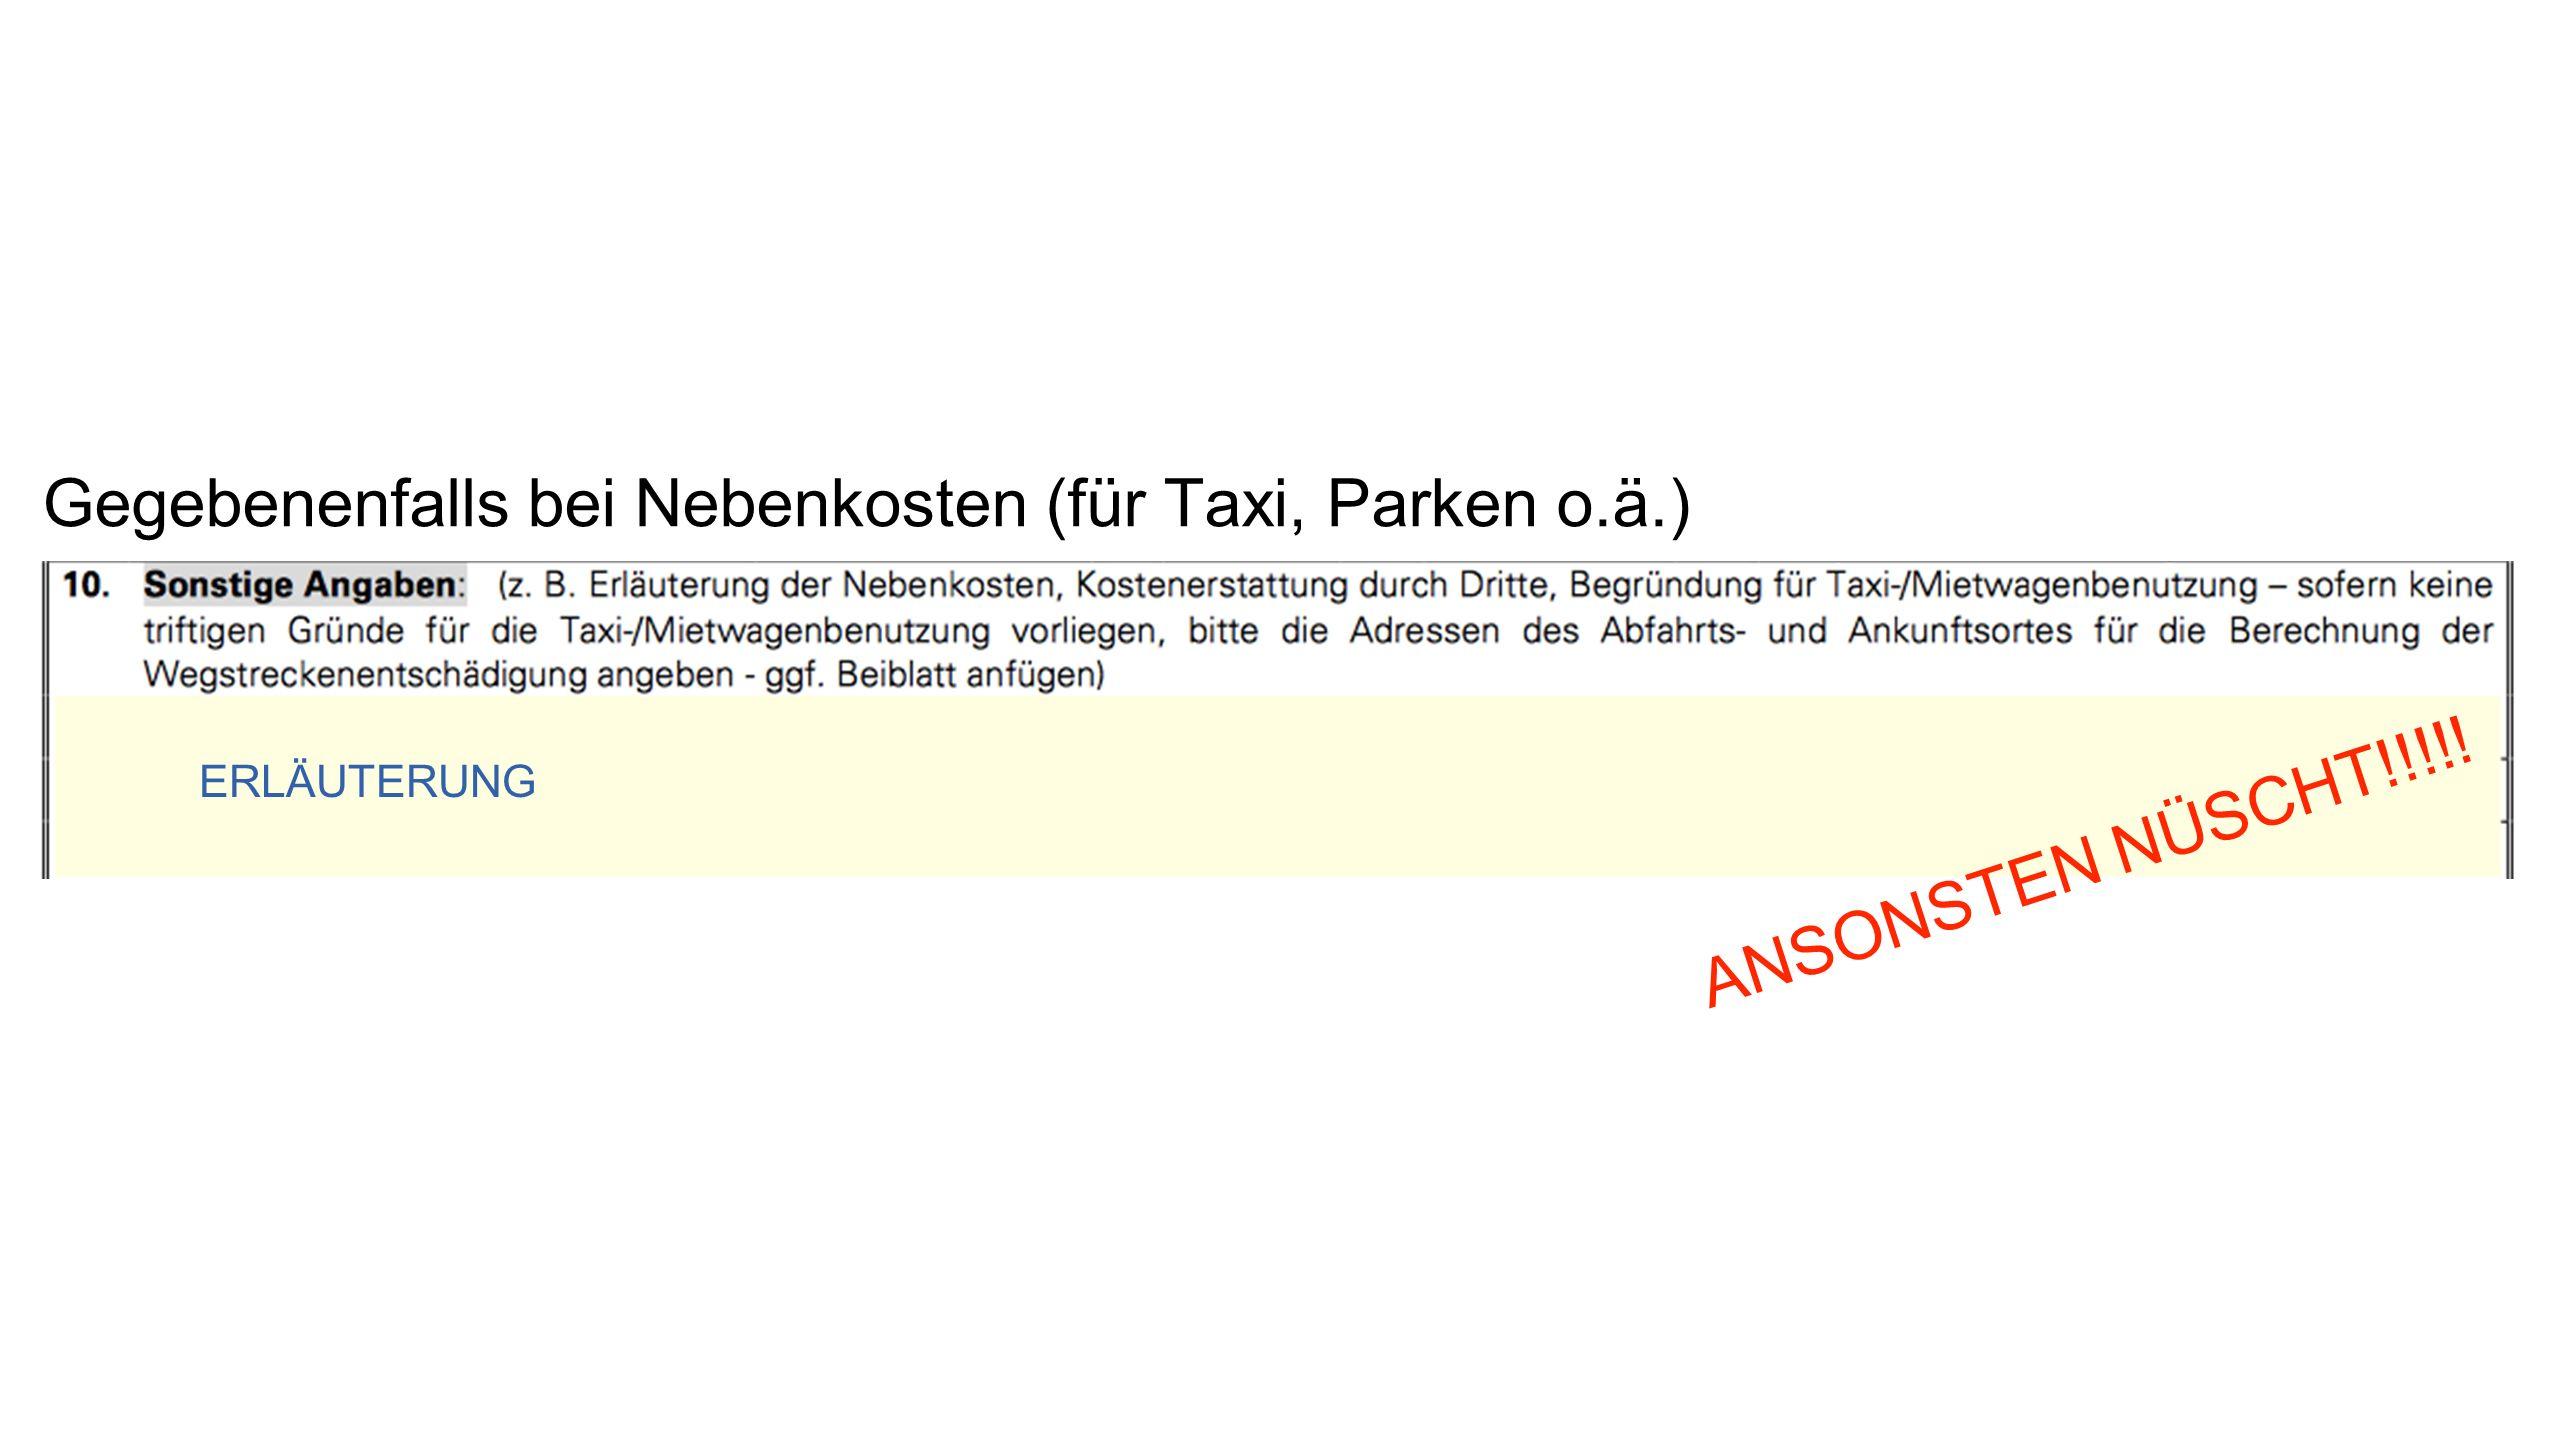 Gegebenenfalls bei Nebenkosten (für Taxi, Parken o.ä.) ERLÄUTERUNG ANSONSTEN NÜSCHT!!!!!